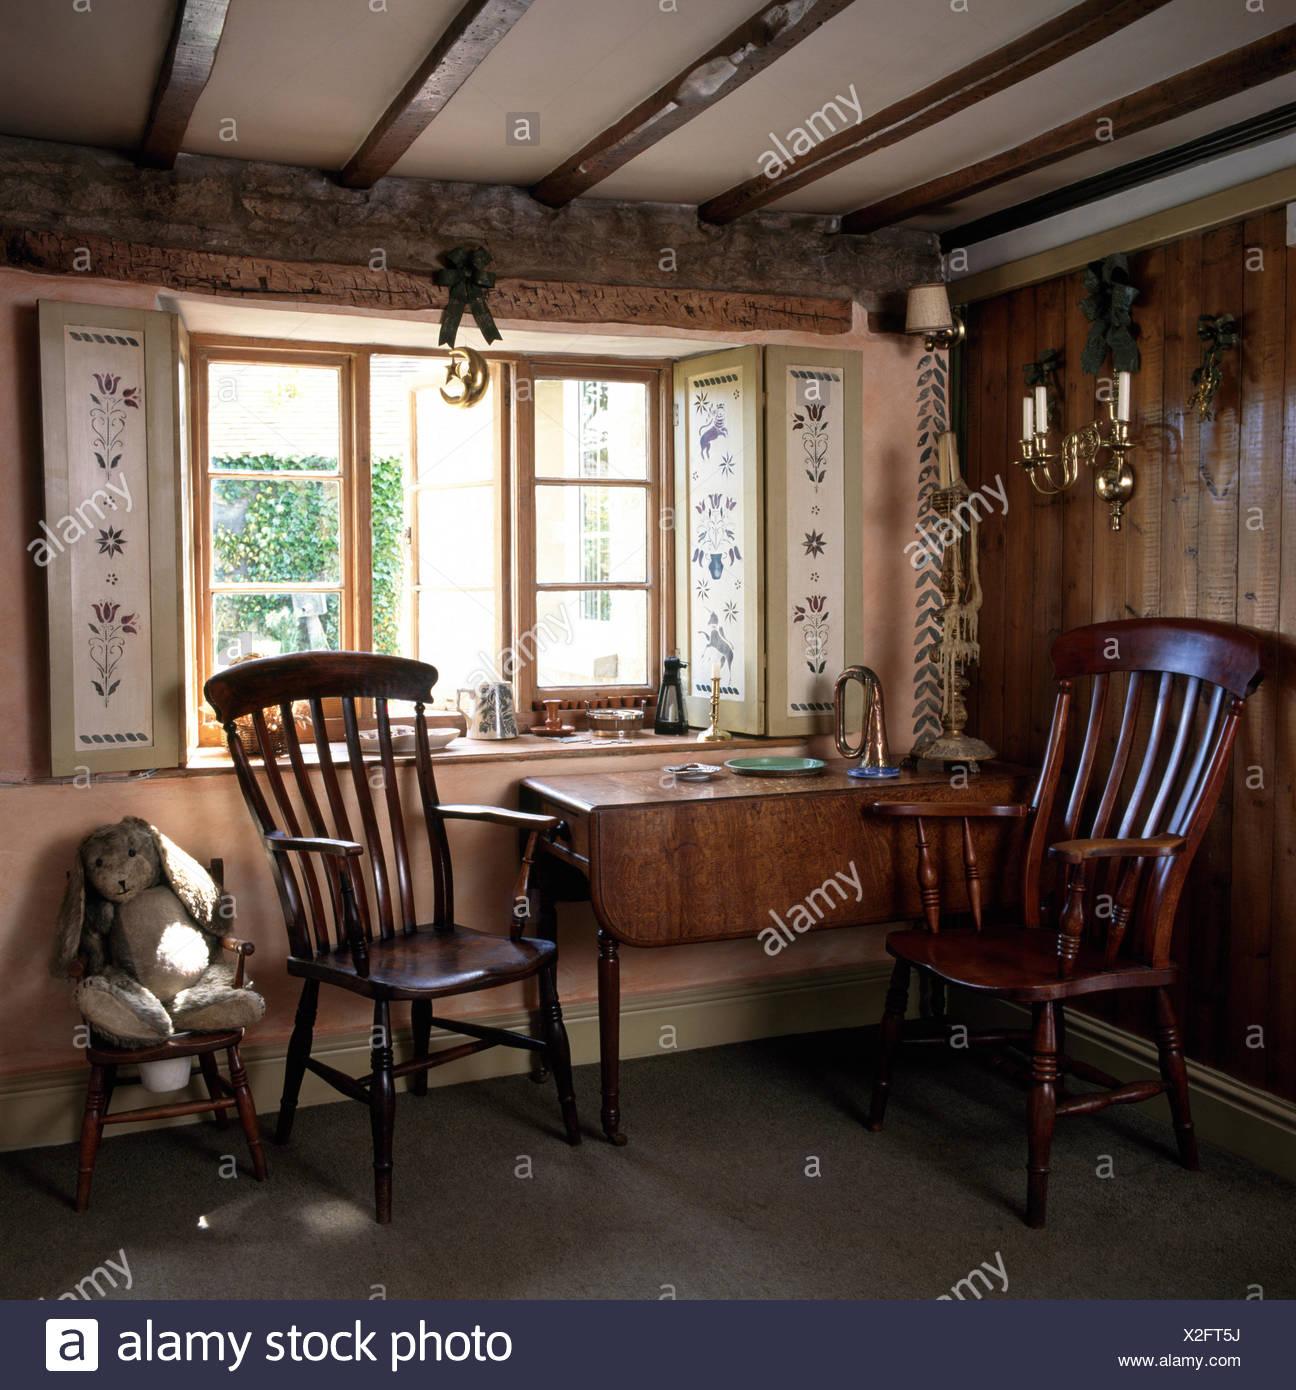 Windsor sillas antiguas y antigua tabla debajo de ventana ...